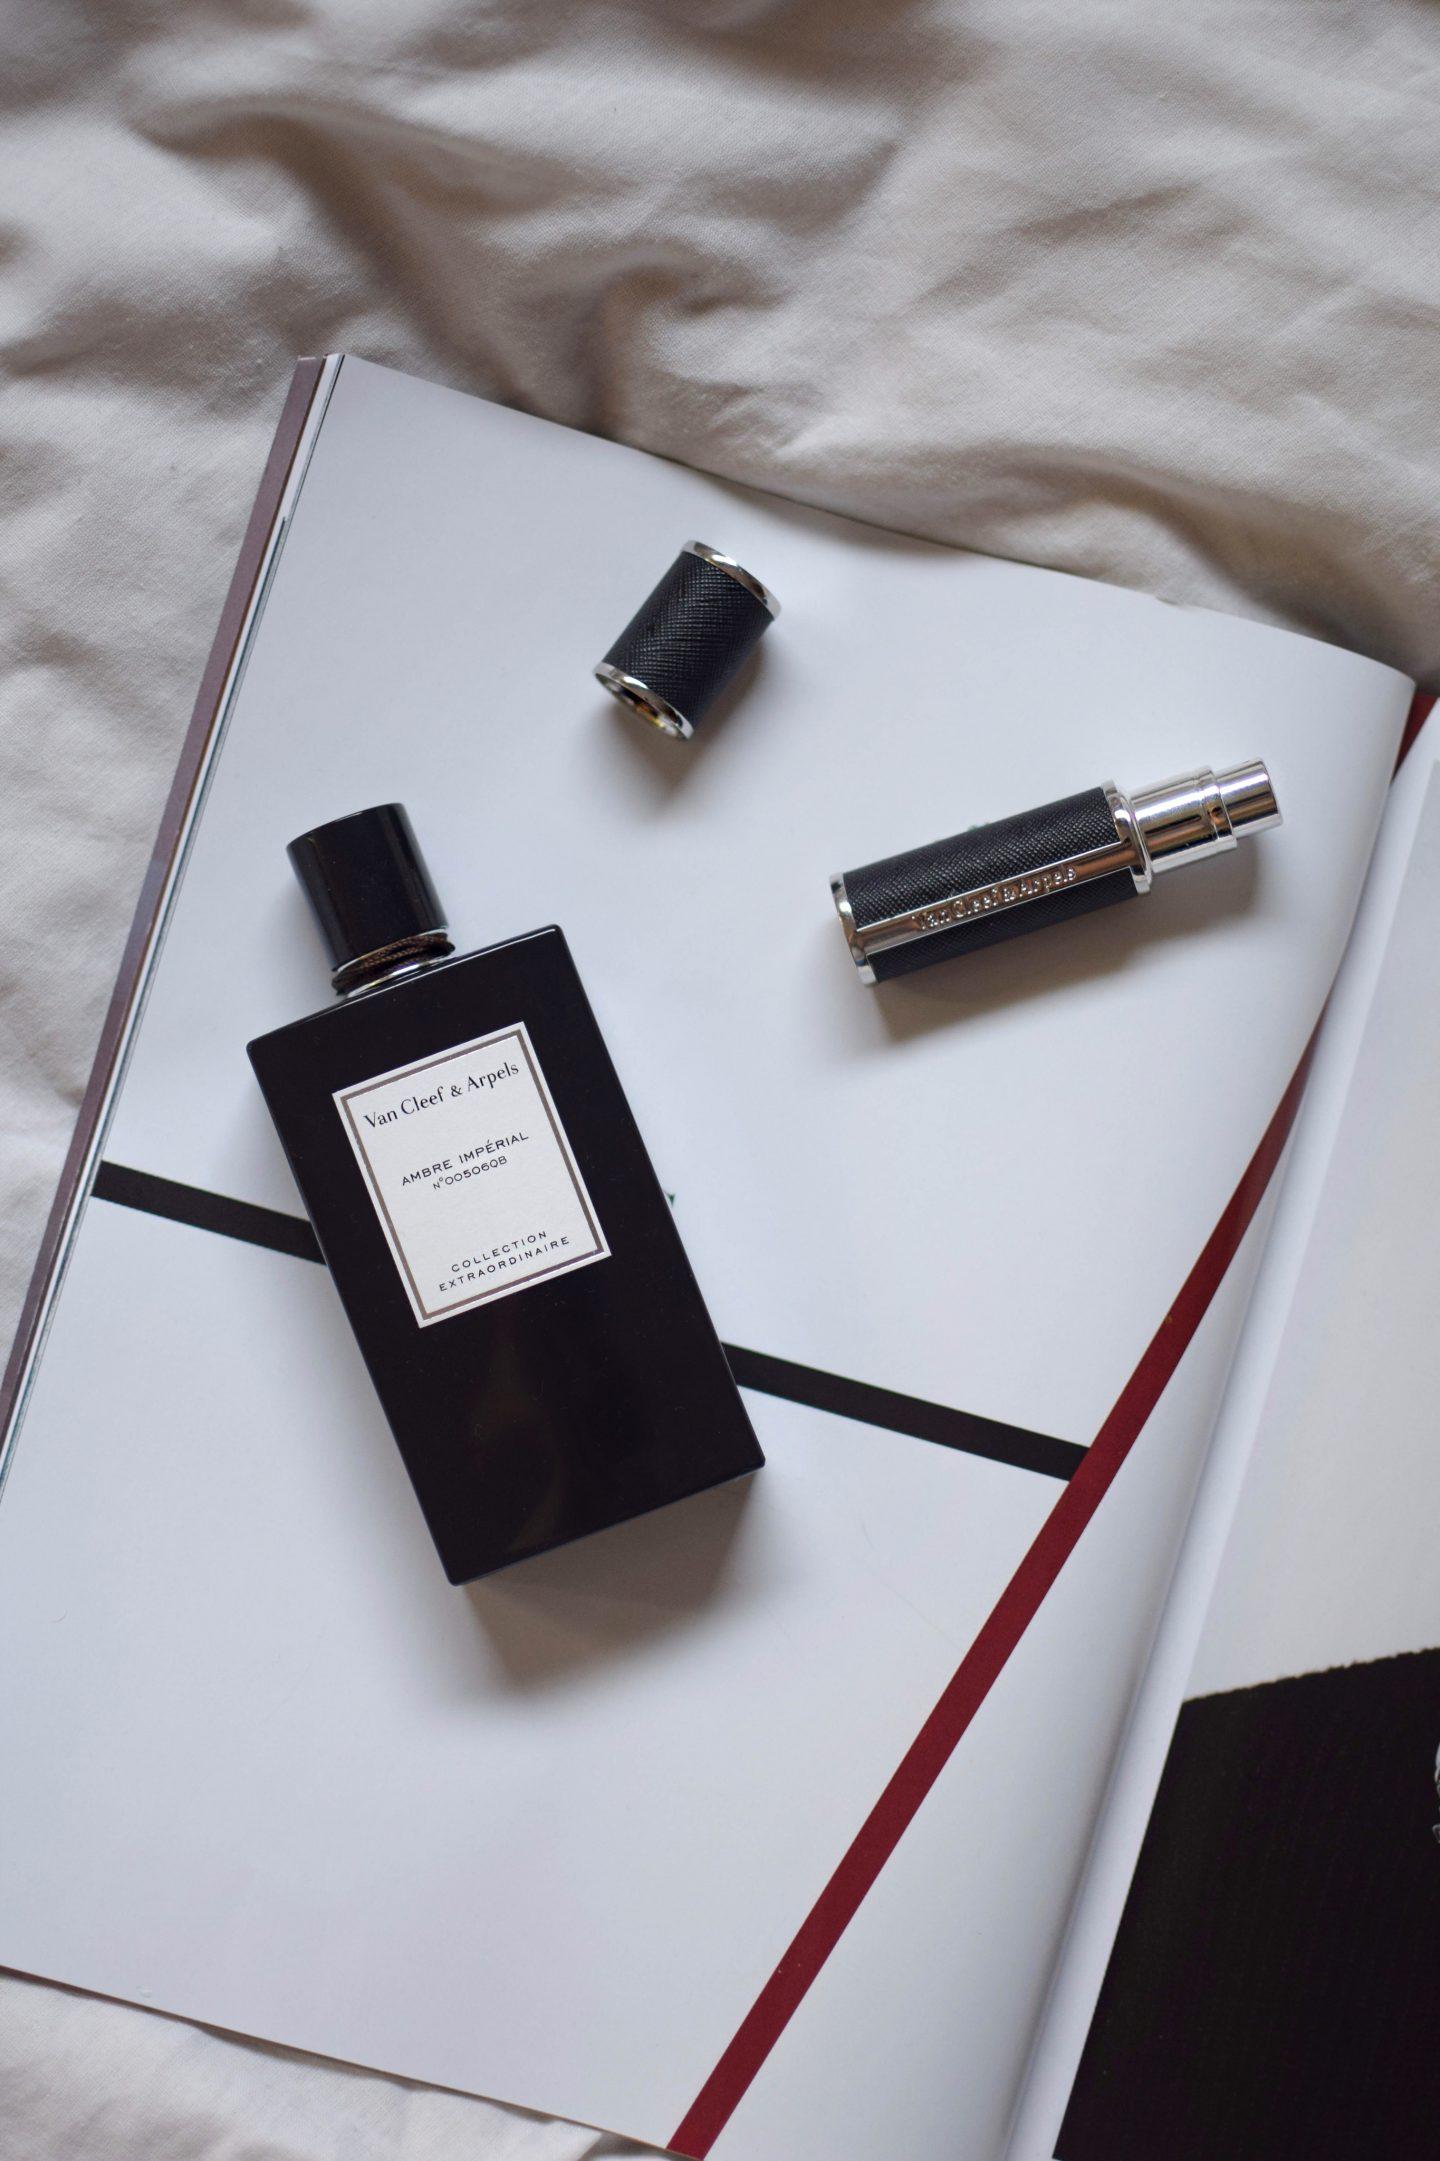 Van Cleef & Arpels Ambre Imperial perfume